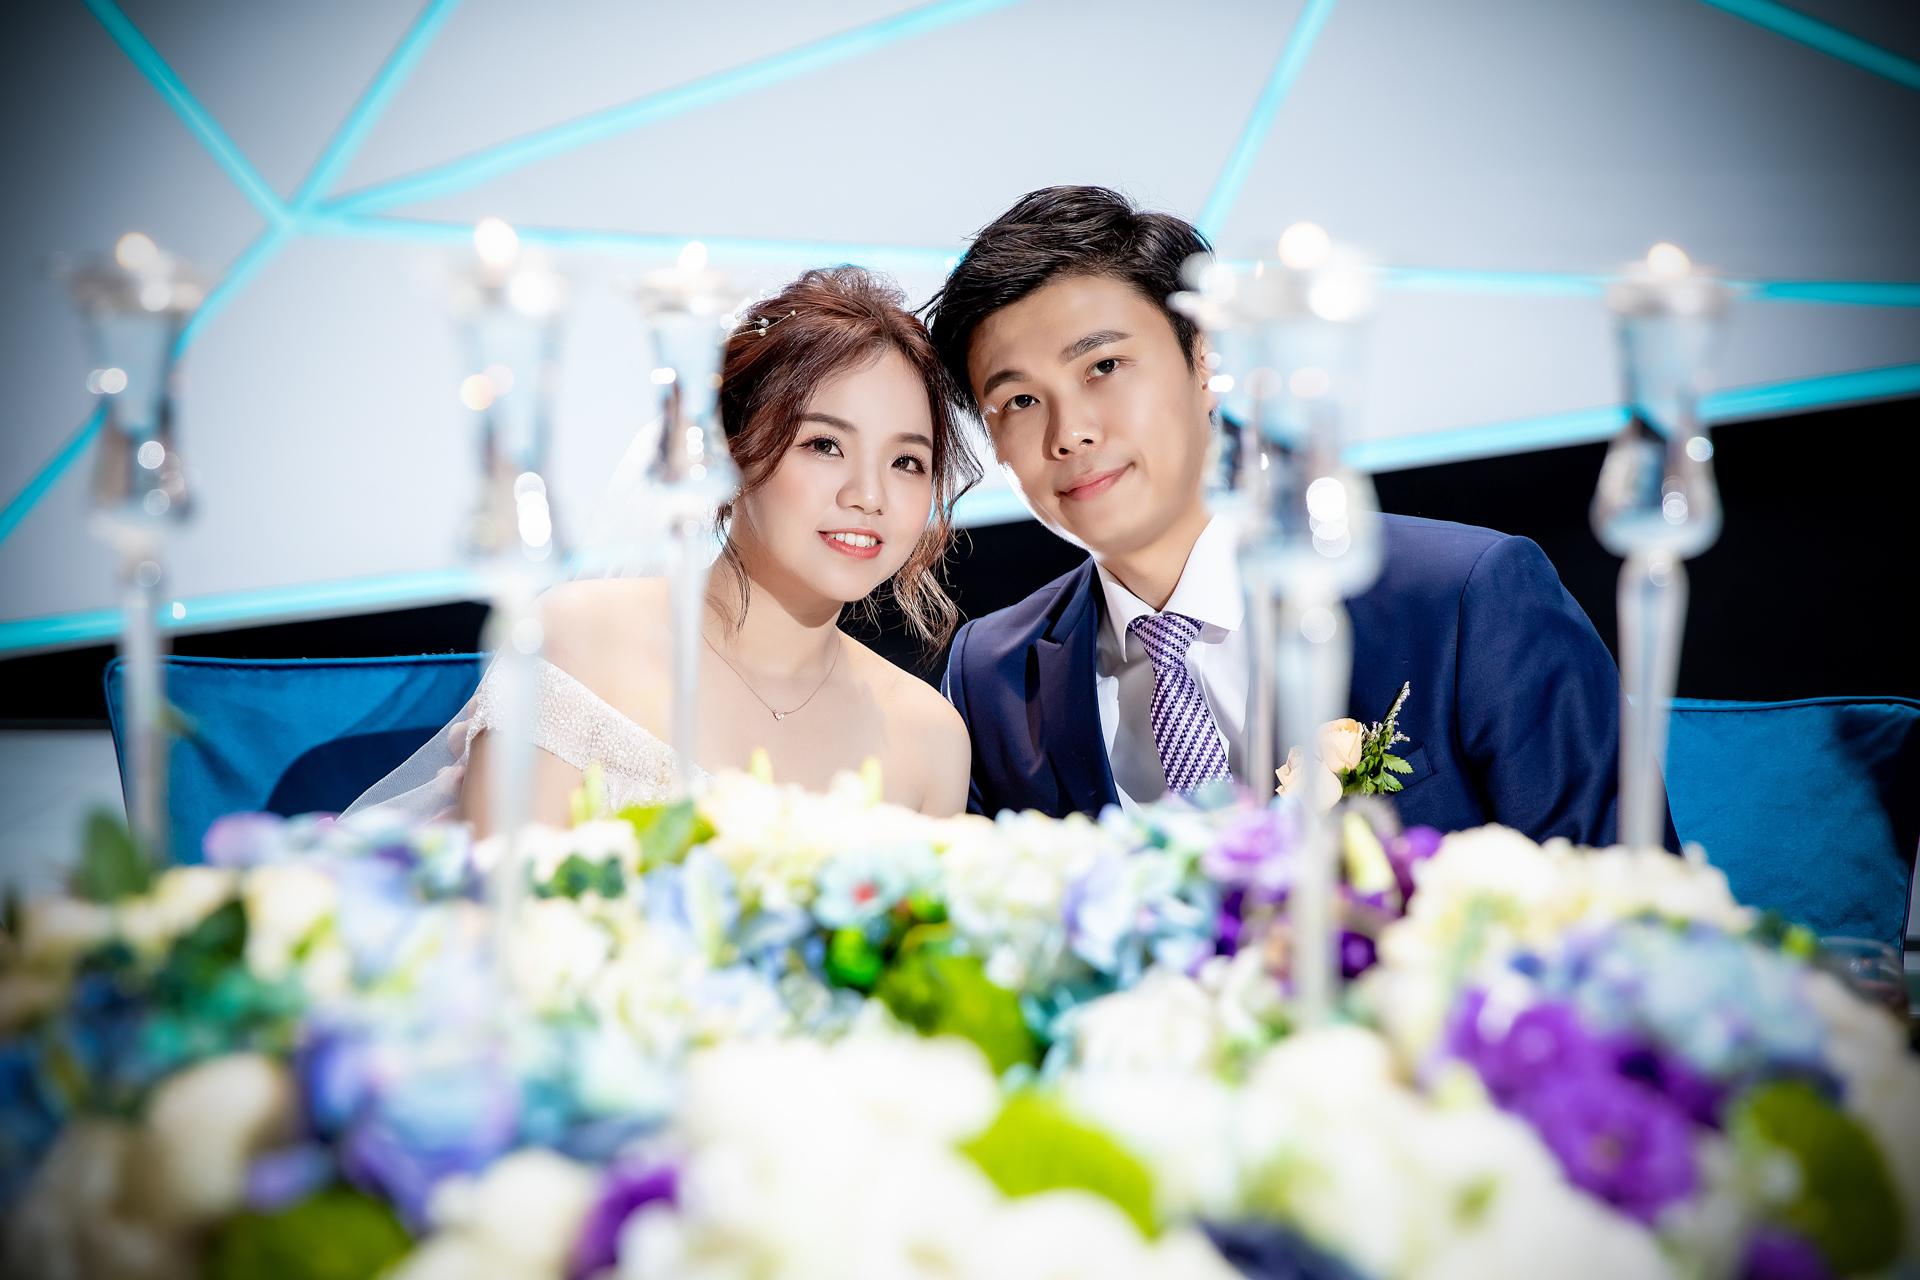 婚攝,台中婚攝,婚禮攝影,非常棧